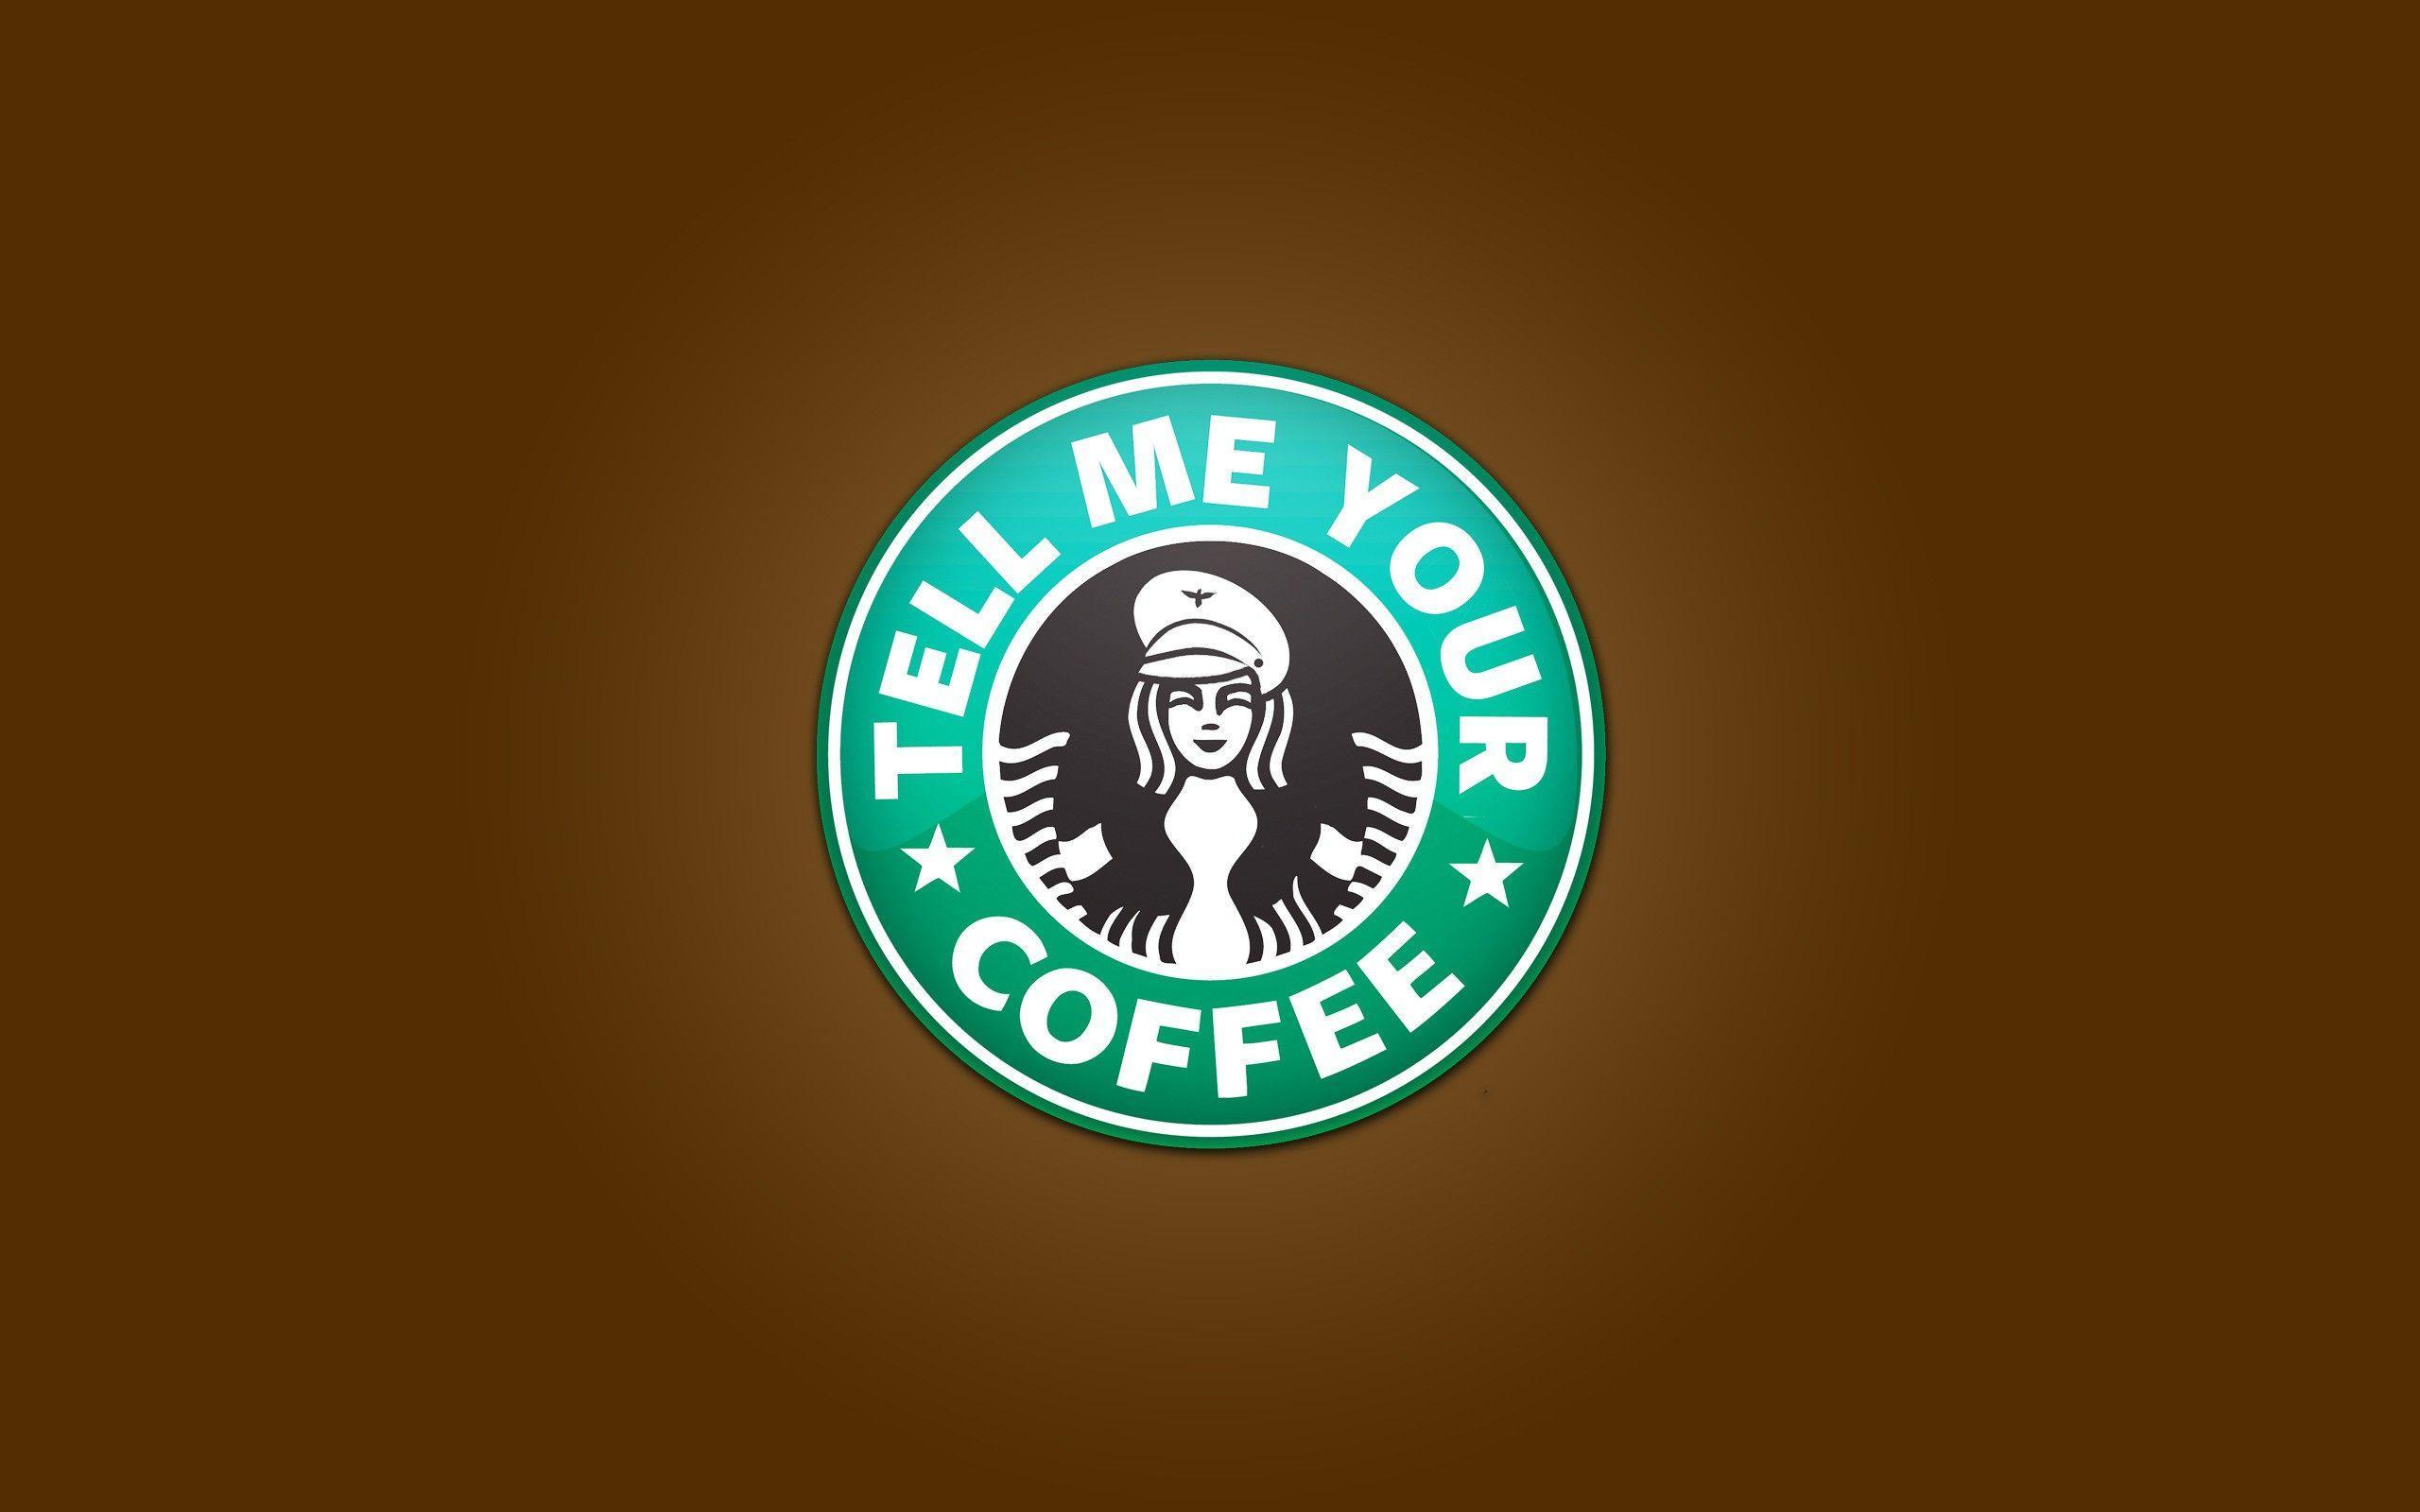 Starbucks Tumblr Background Wallpaper - HDwallshare.com